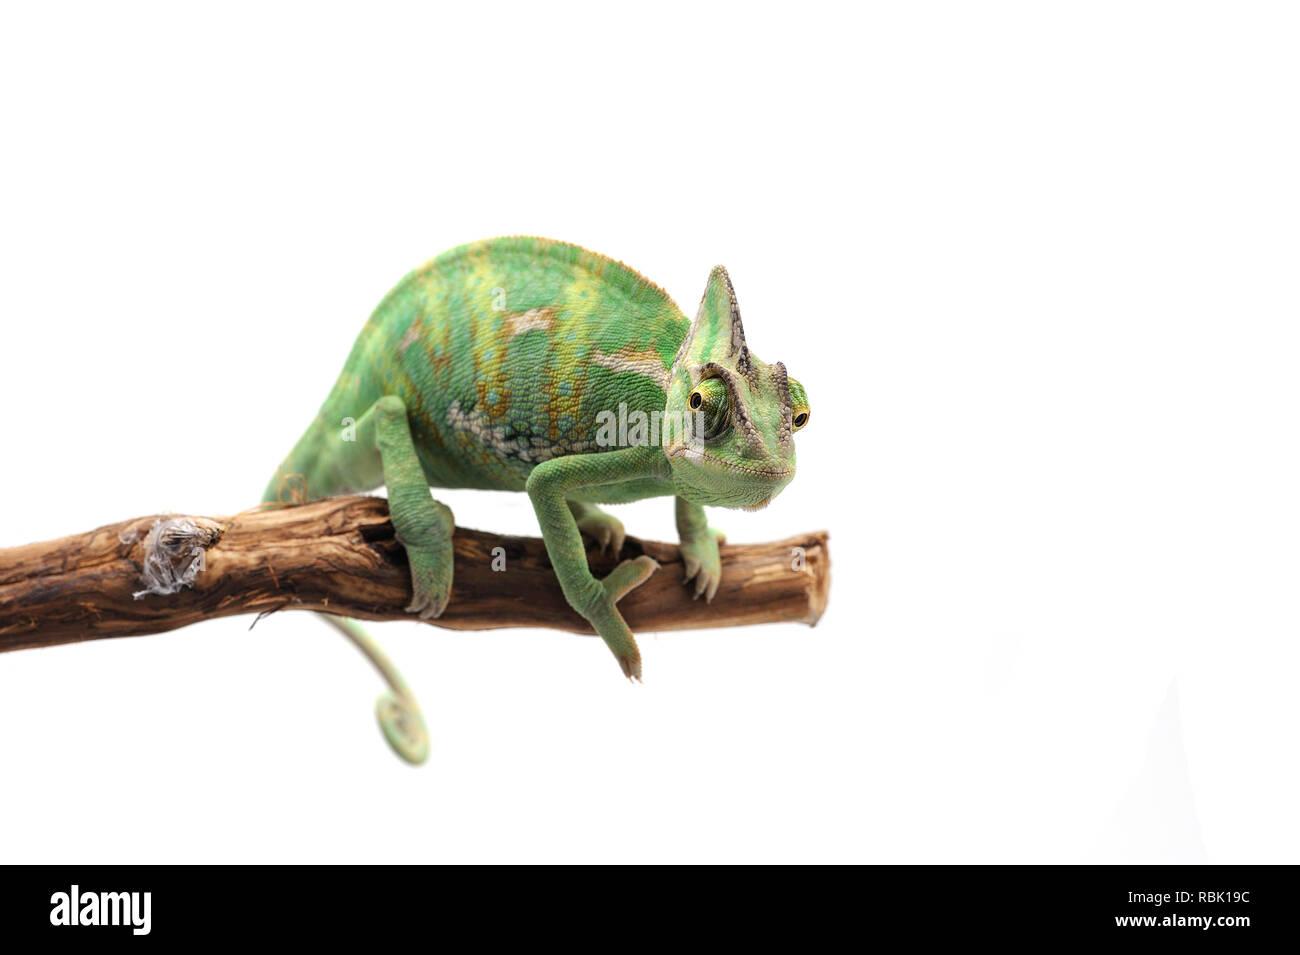 Veiled Chameleon isolated on white background - Stock Image